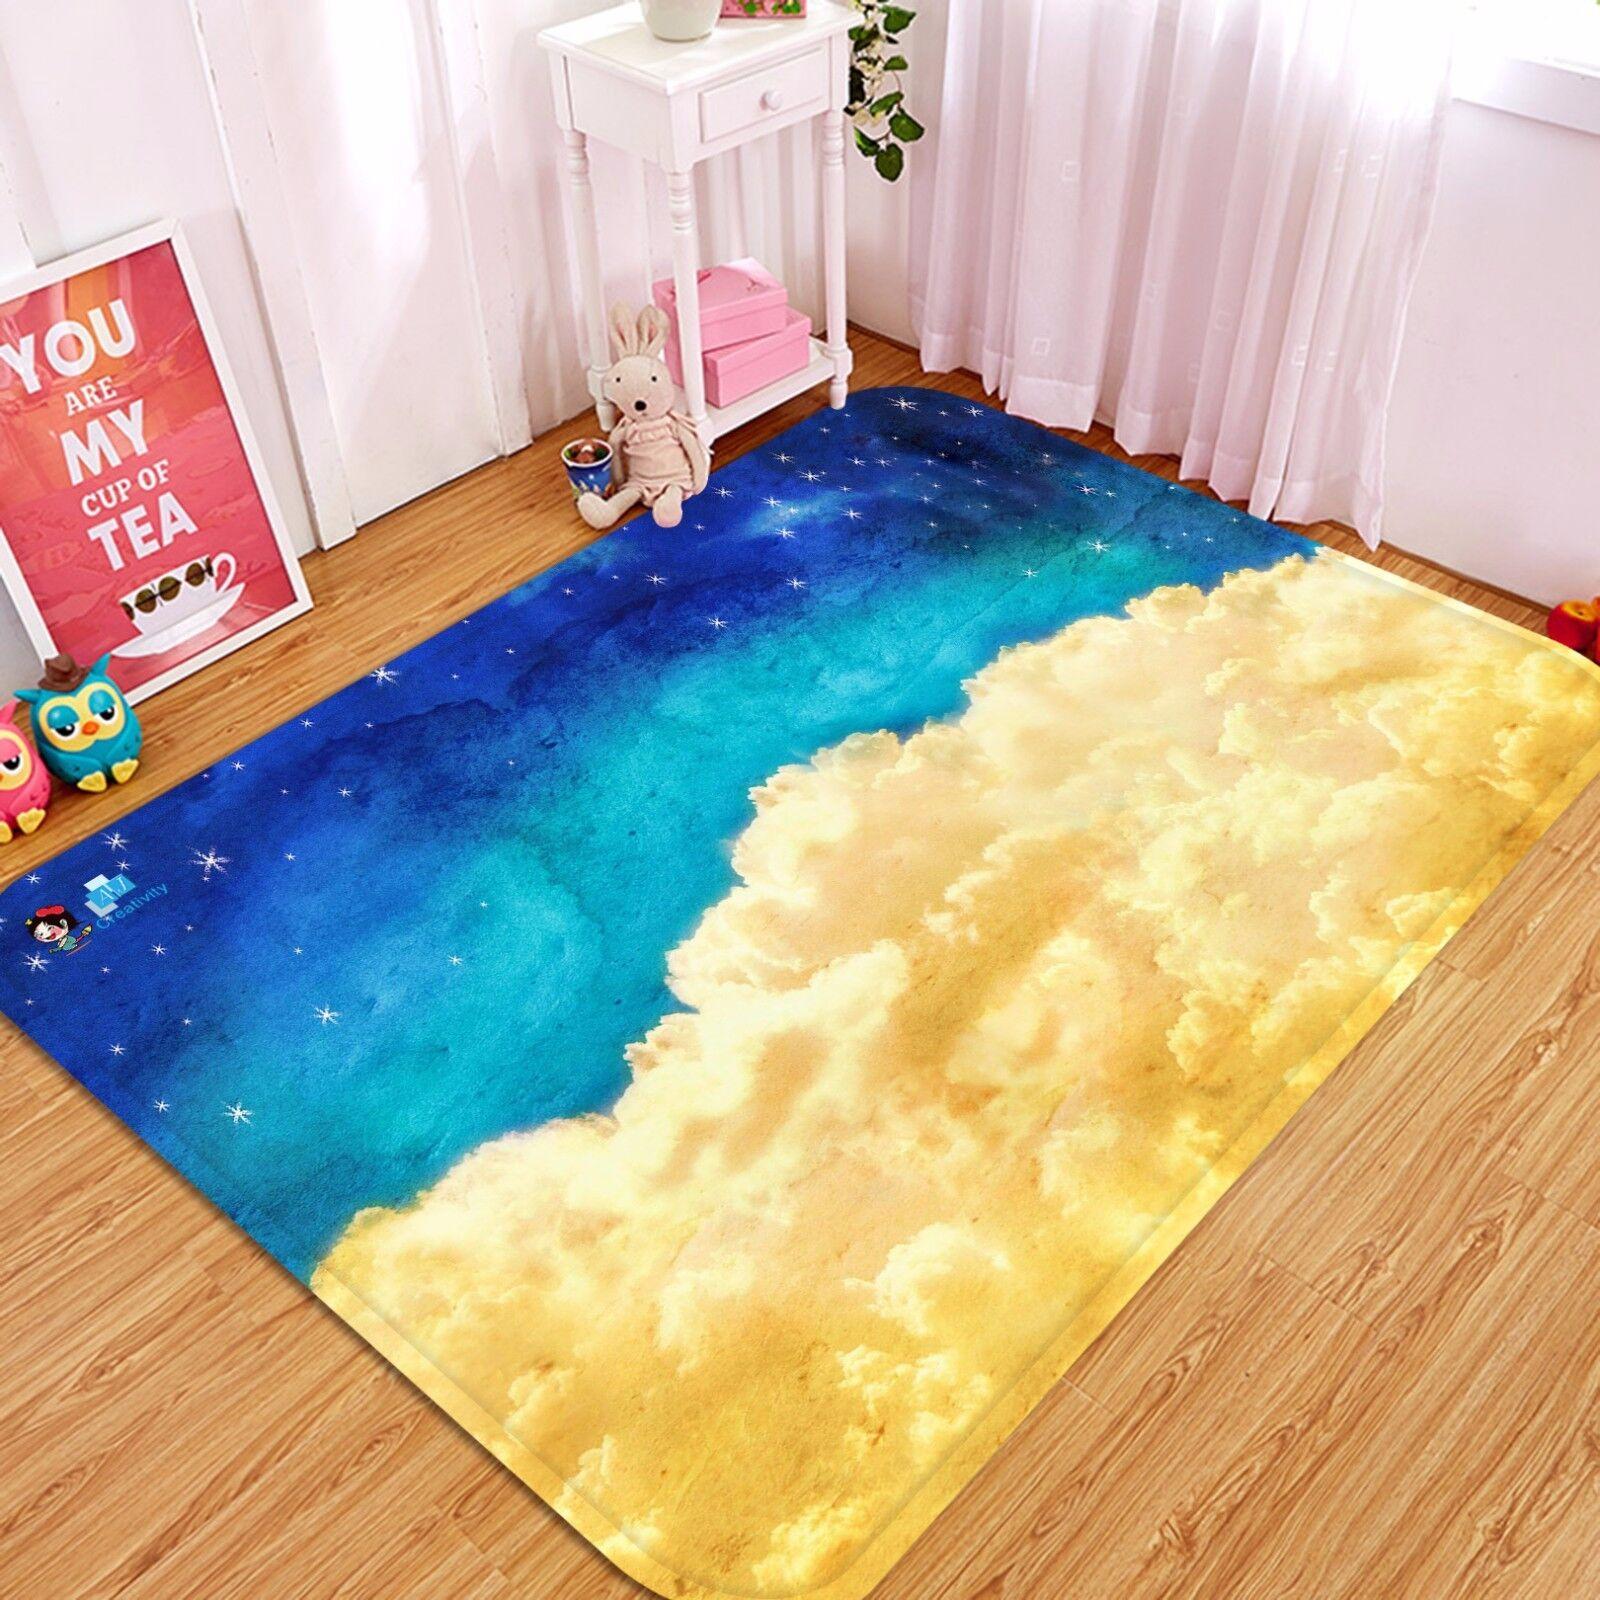 NUVOLE di vista 3D 48 tappetino antiscivolo tappeto camera Tappetino Qualità Elegante foto Tappeto UK